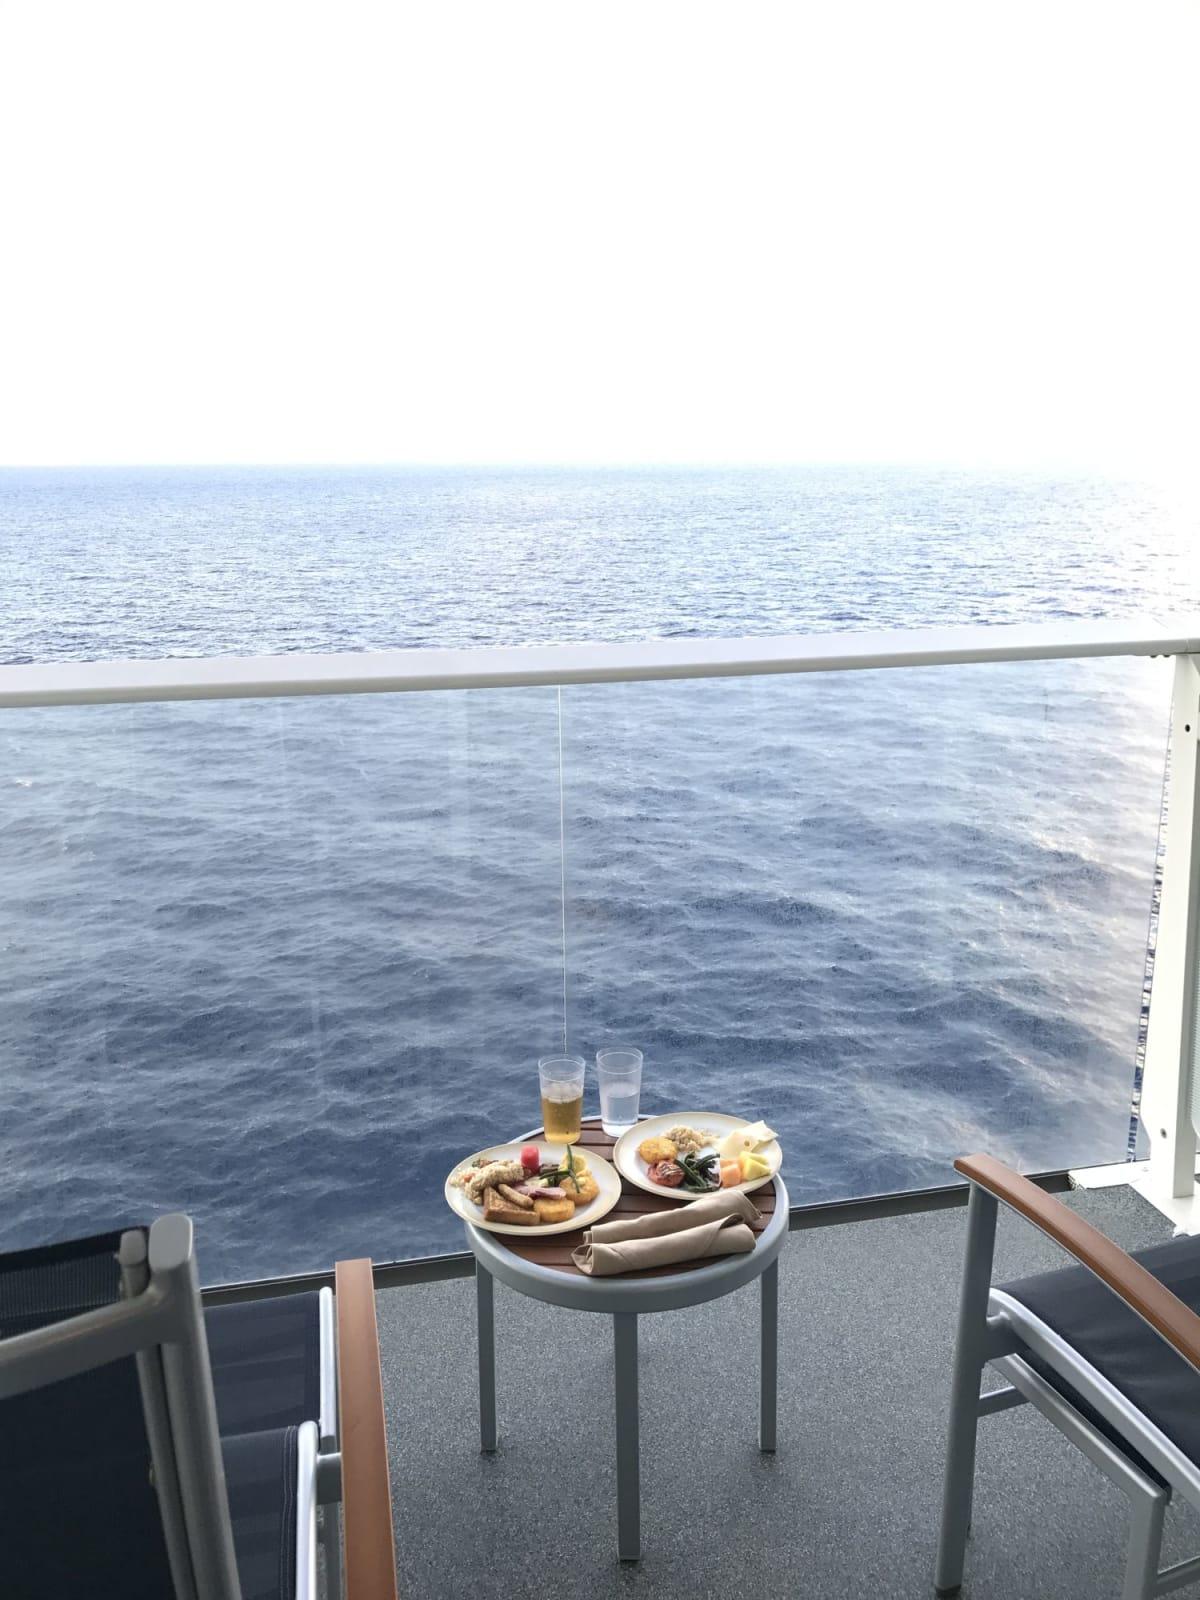 2日目の朝ごはん この日は終日航海だったので ゆっくりとお部屋のバルコニーで! ルームサービスも頼めるし、ビュッフェレストランから 部屋に持って帰って食べることもできます。   客船ハーモニー・オブ・ザ・シーズの外観、フード&ドリンク